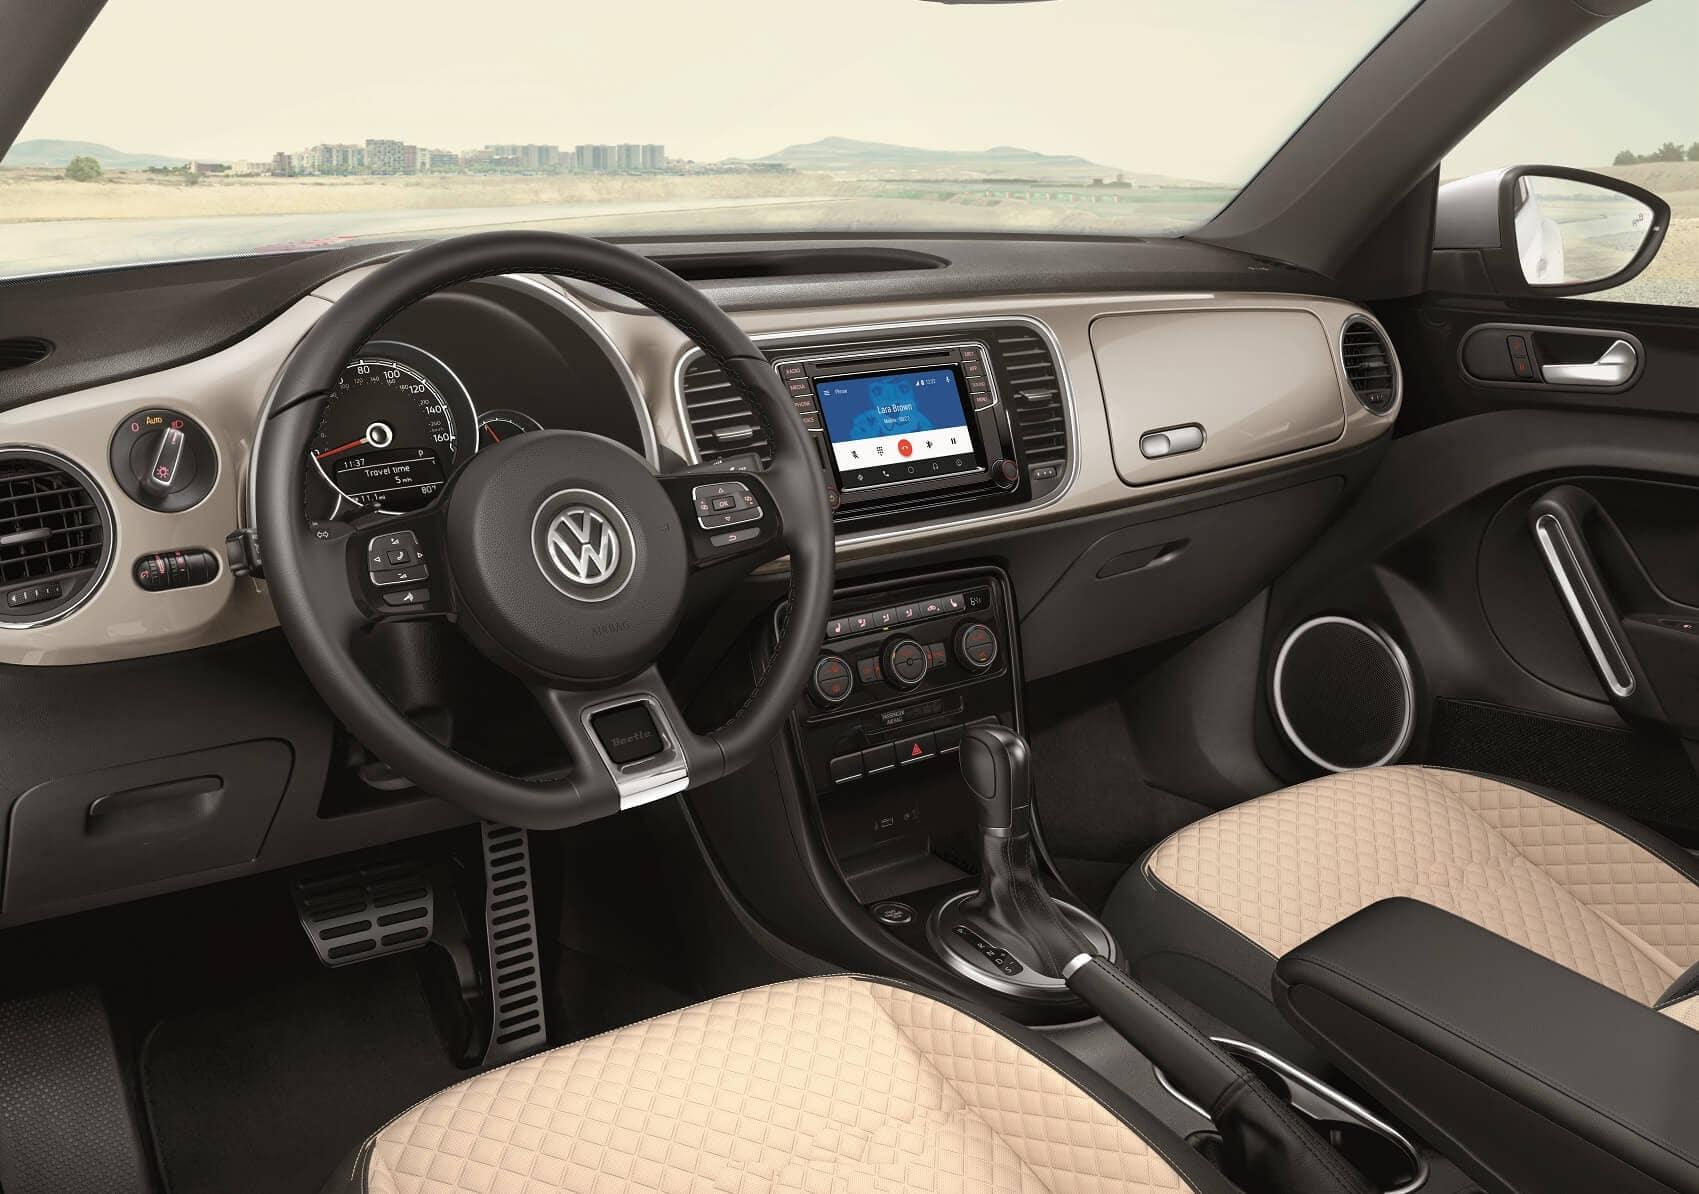 Volkswagen Beetle Convertible Interior